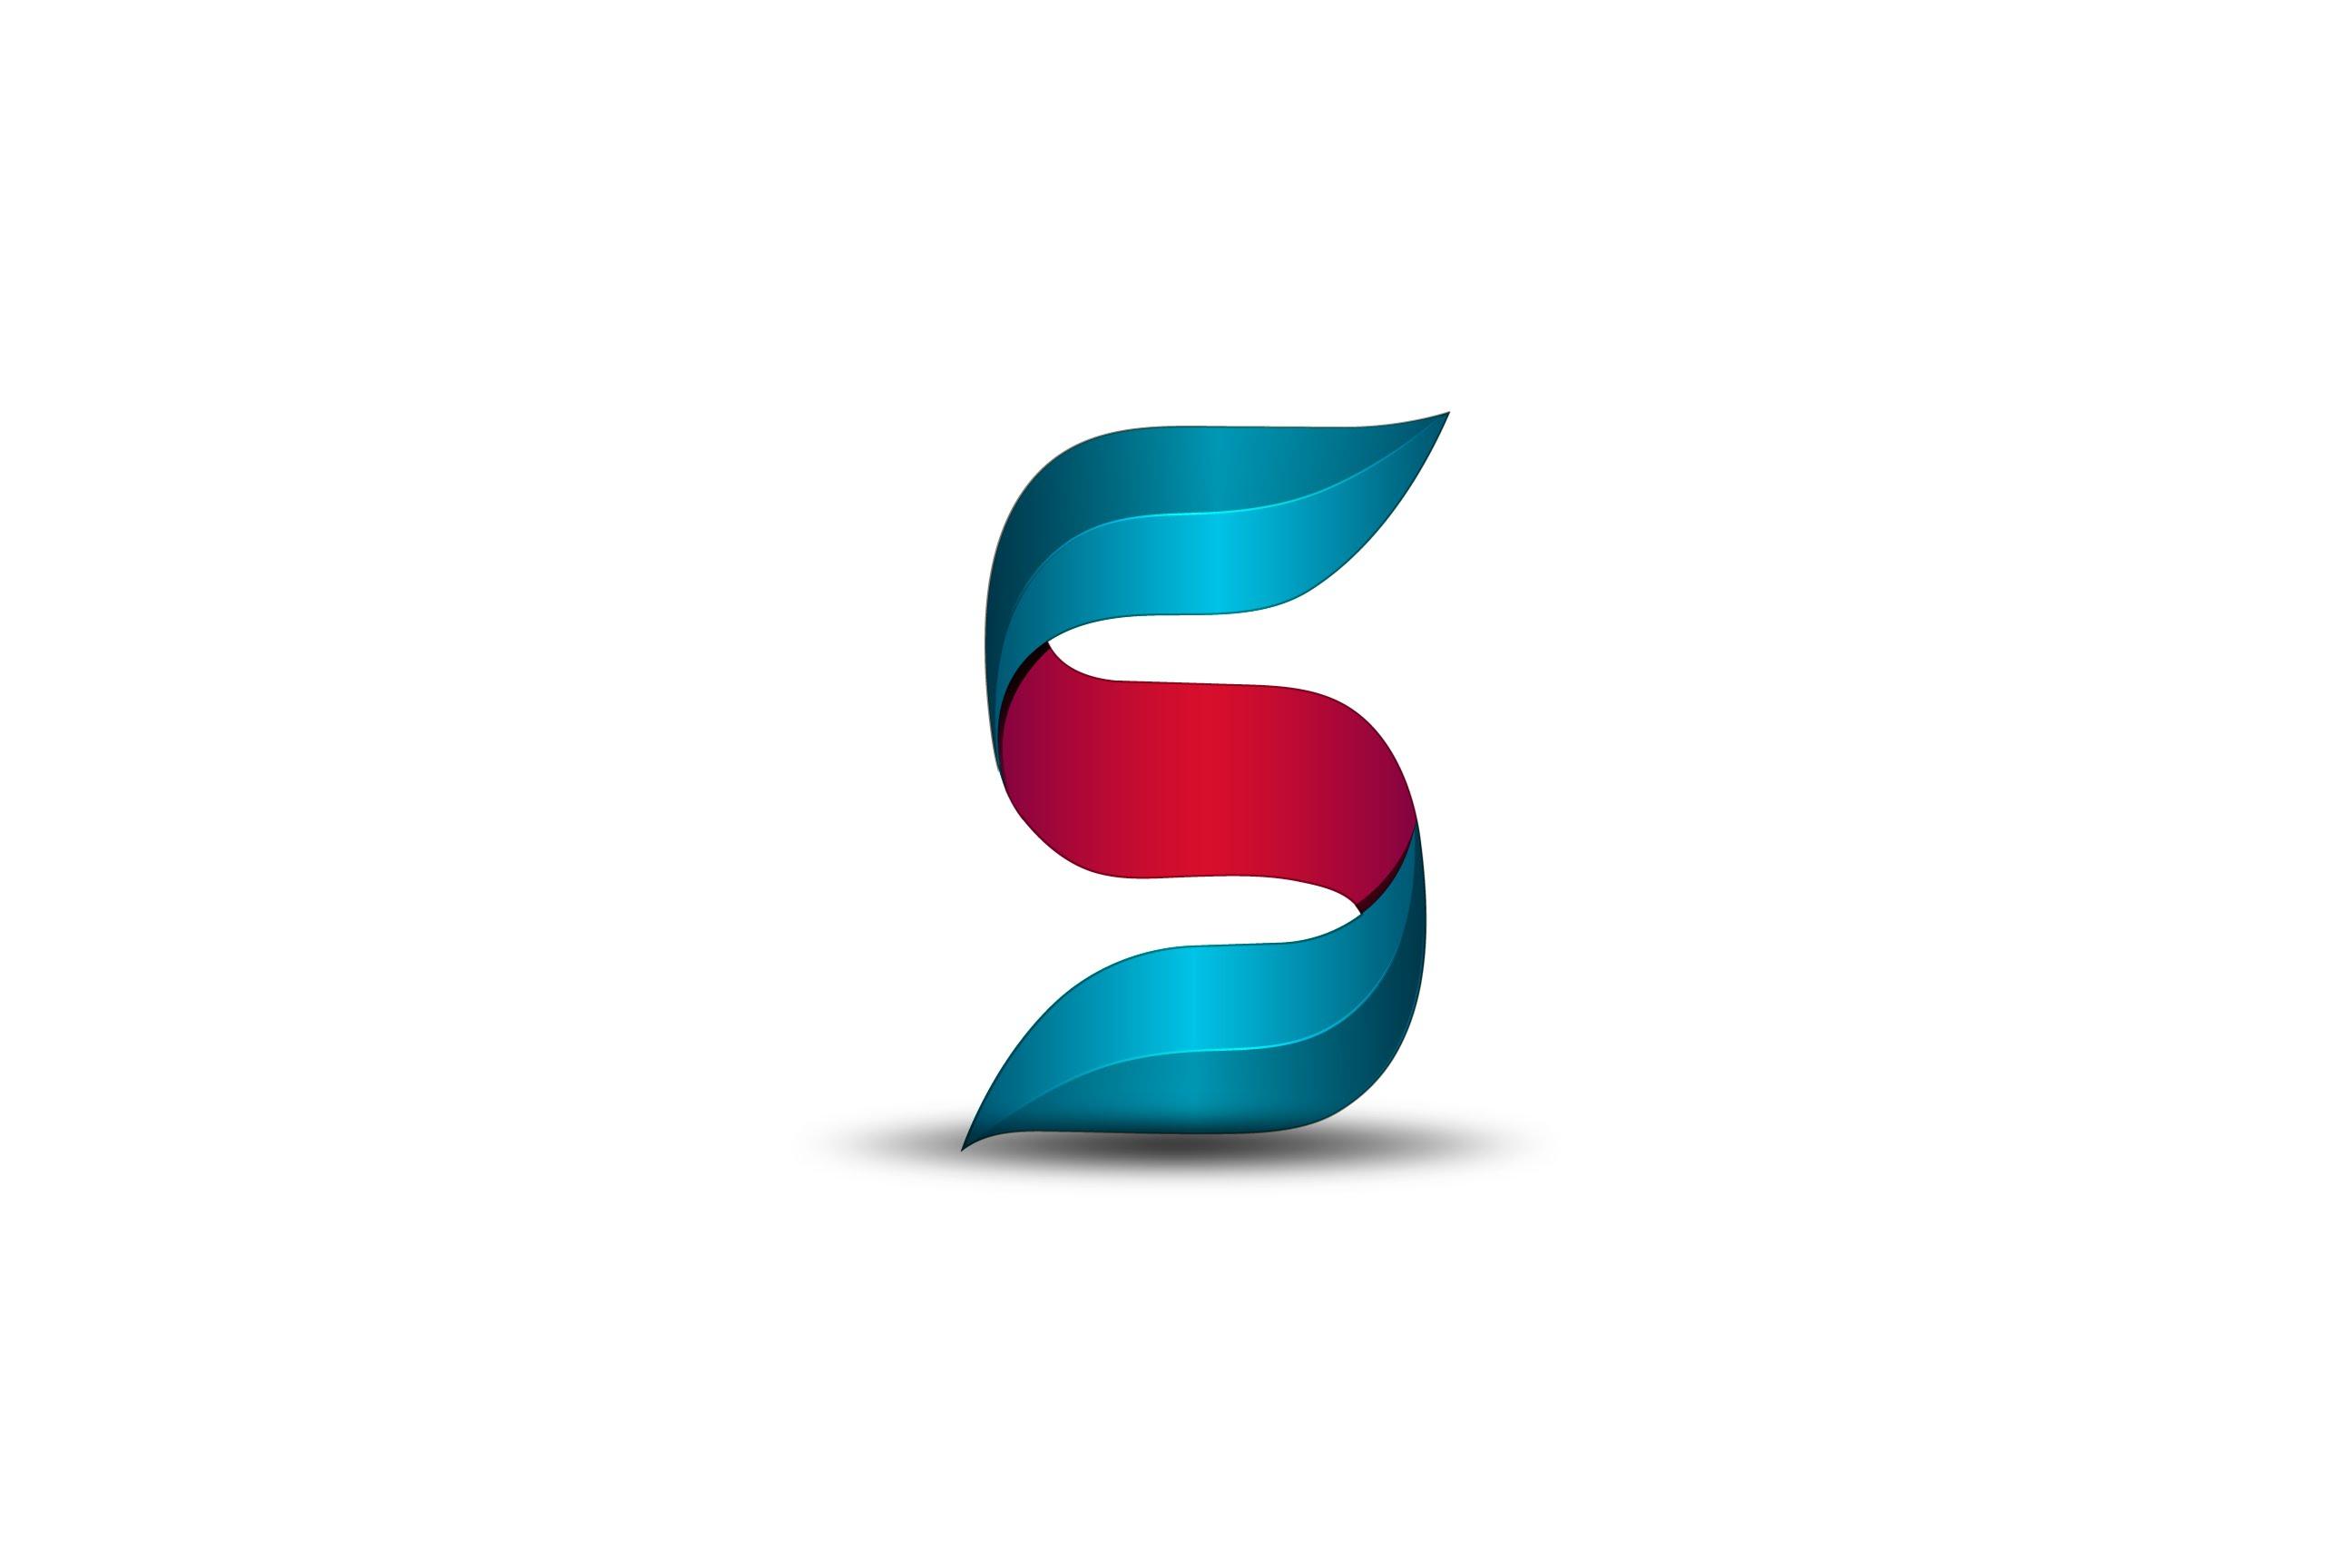 2592x1728 Adobe Illustrator Cc 2015 New 3d Logo Design ( Letter S )